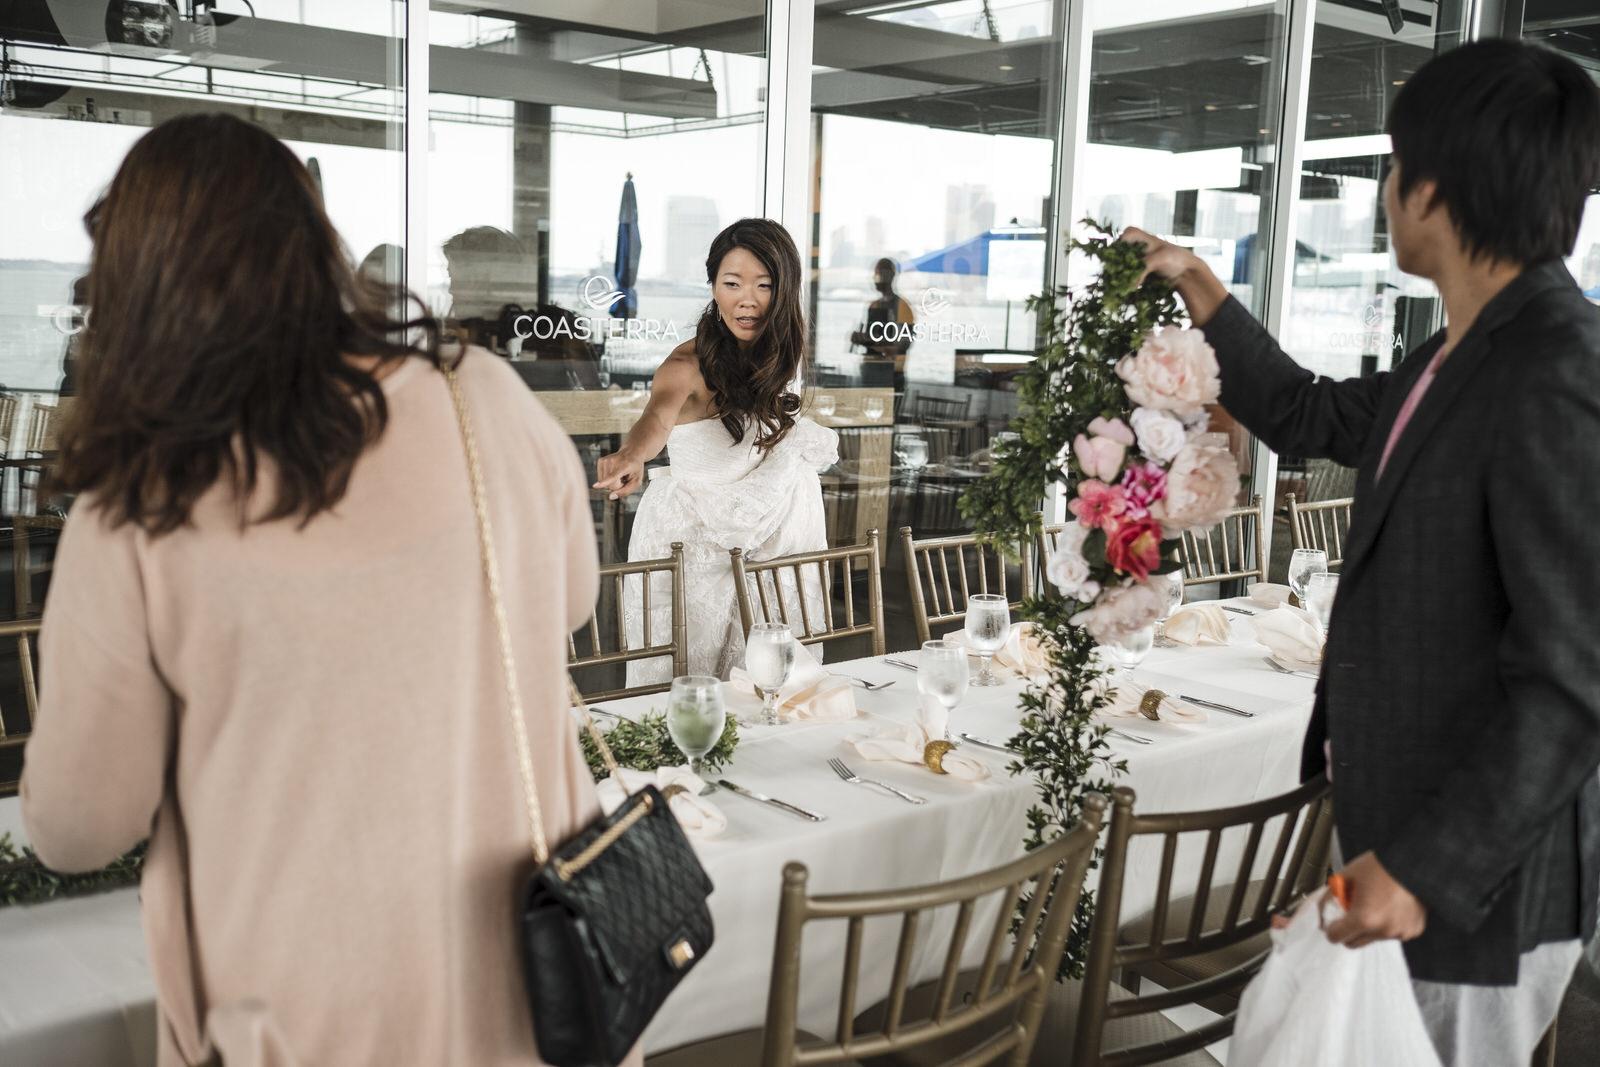 nha_carlos_san_diego_wedding (1).jpg